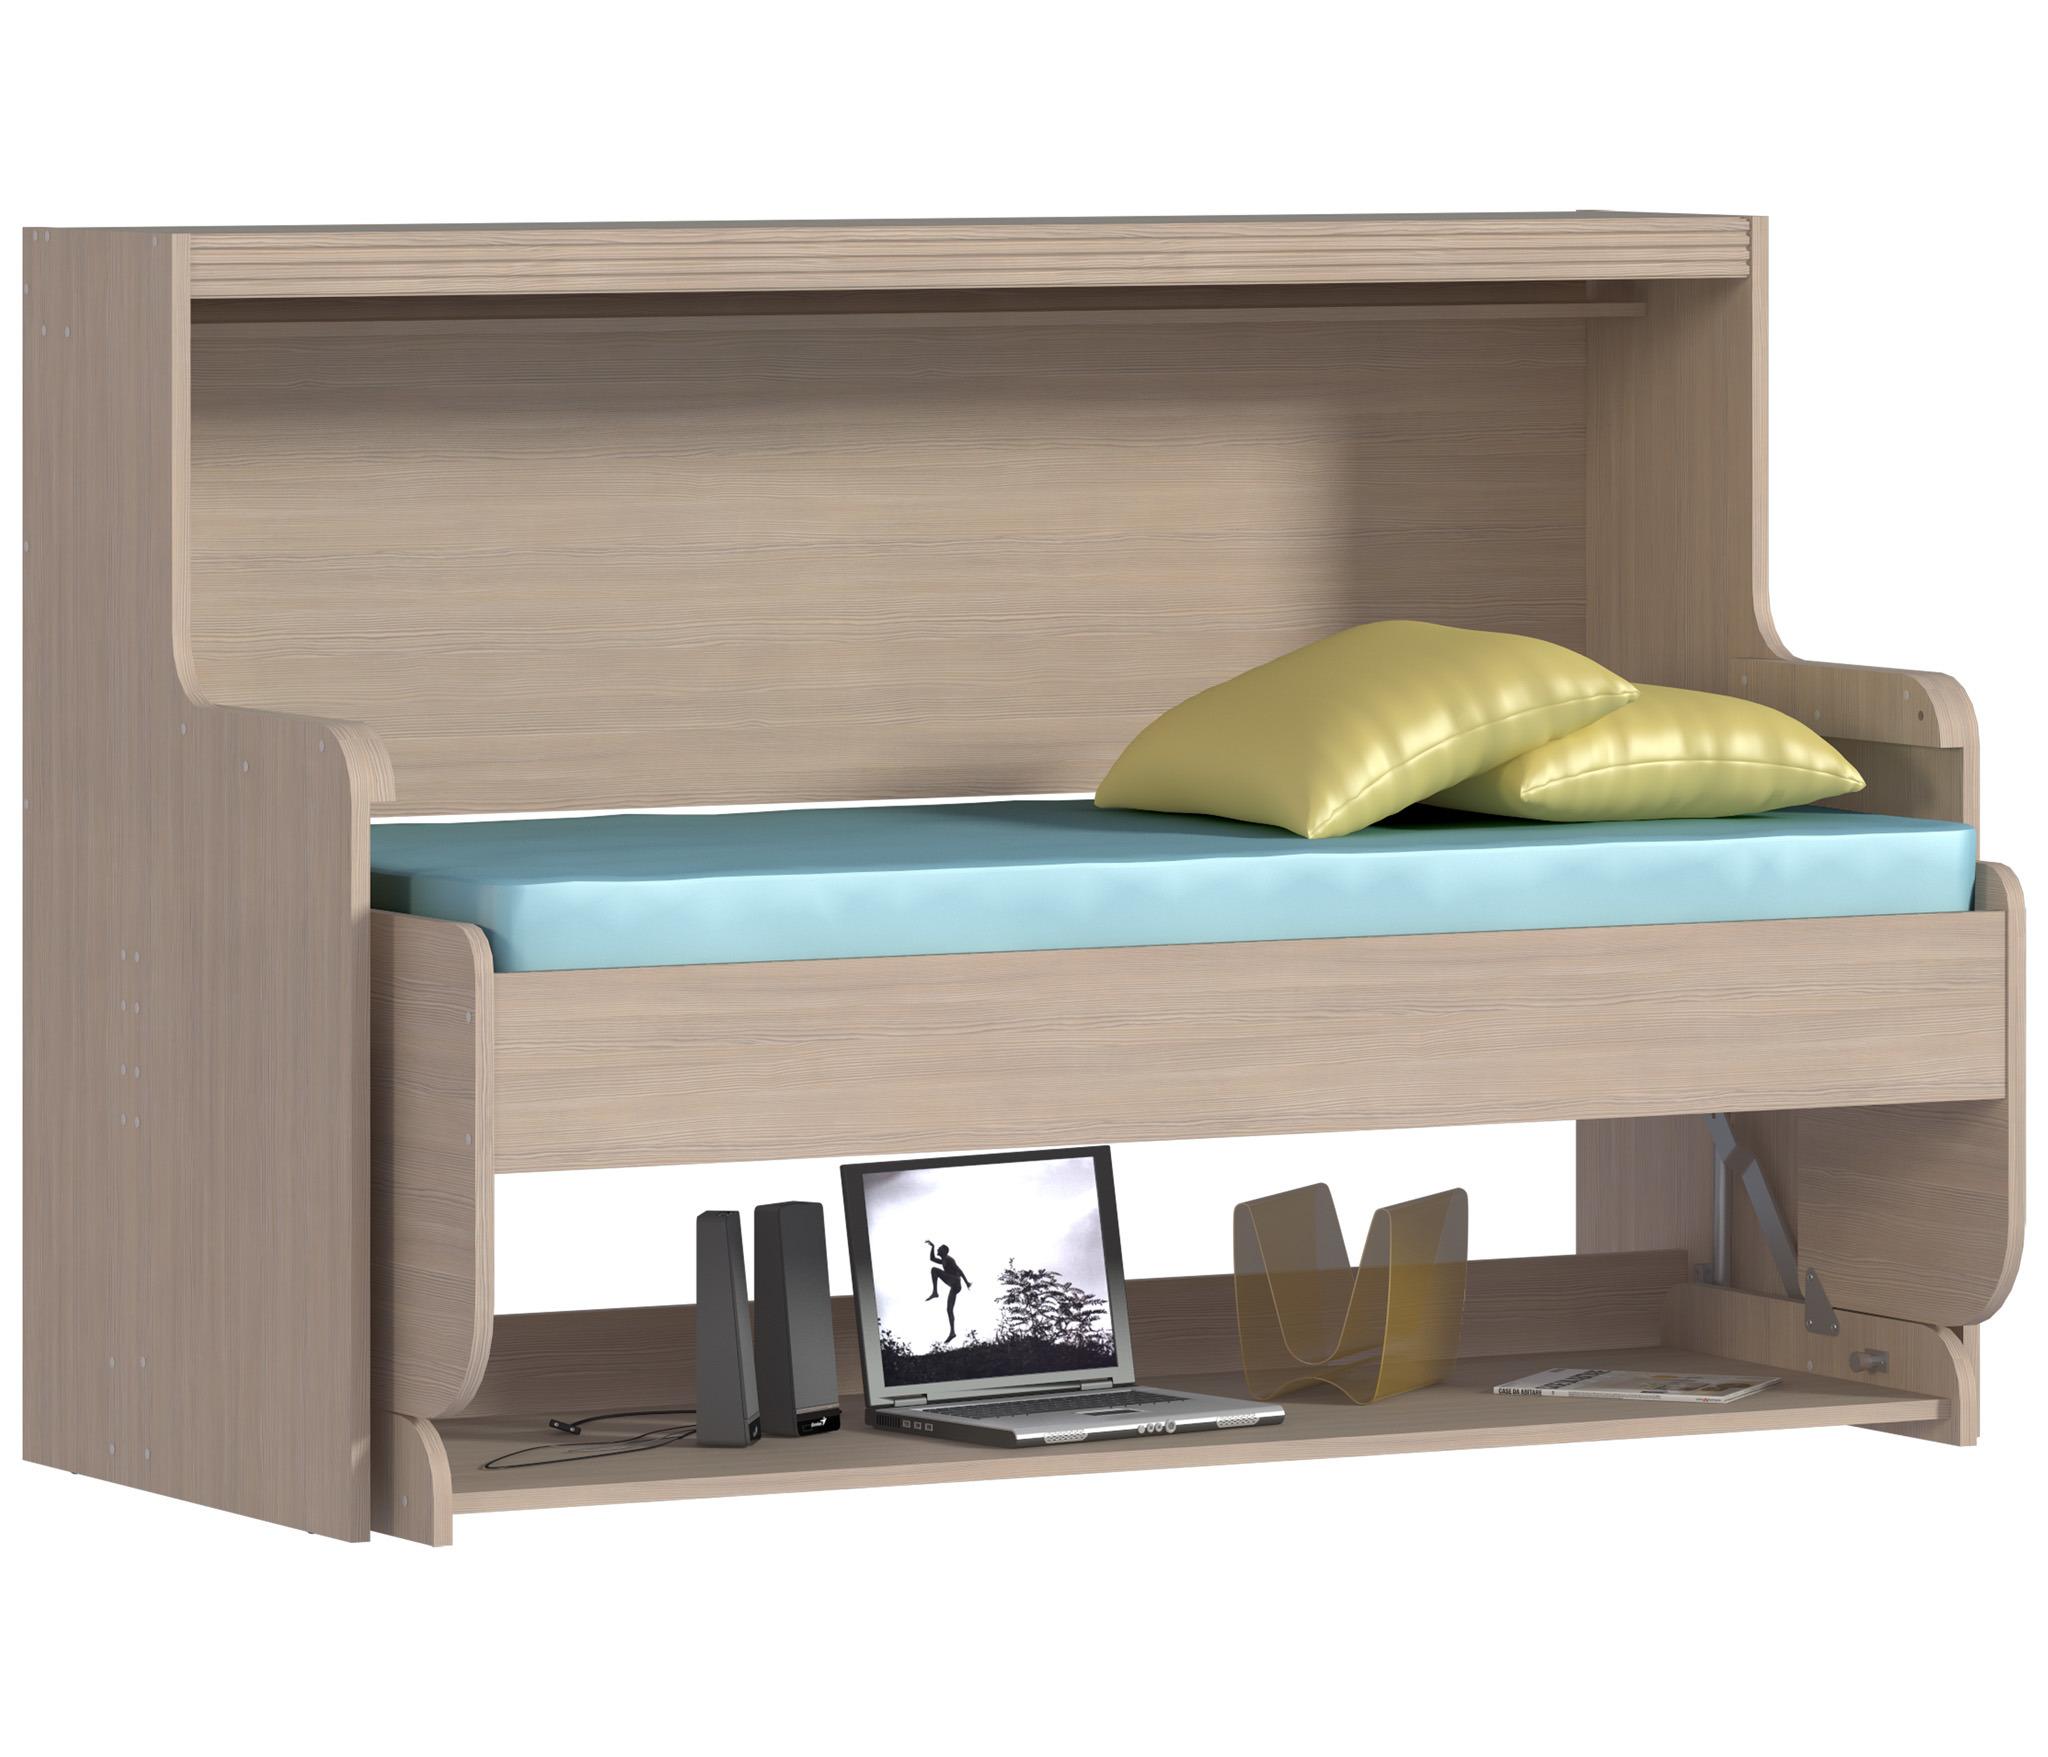 Дакота СБ-2086 Кровать-трансформер СоснаДетские кровати от 3-х лет<br><br><br>Длина мм: 2054<br>Высота мм: 1384<br>Глубина мм: 1000<br>Тип: Универсальные